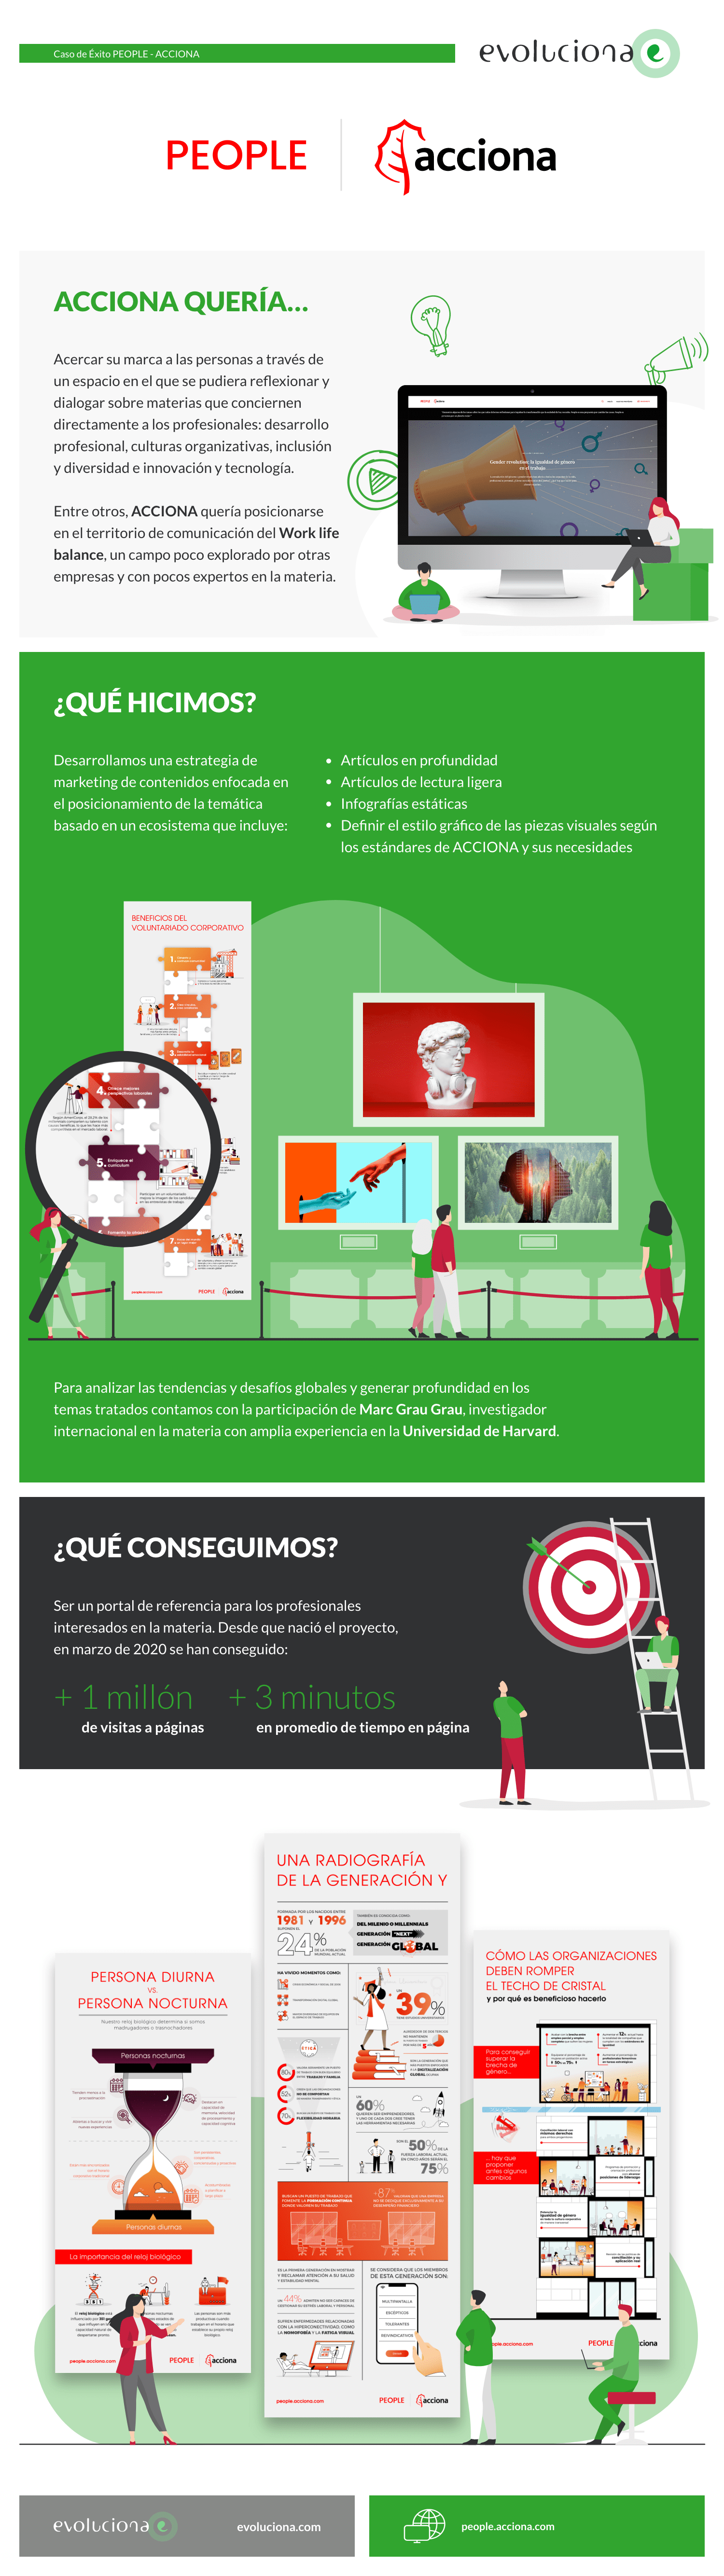 Caso de éxito Evoluciona, ejemplo de Branded Content: ACCIONA People